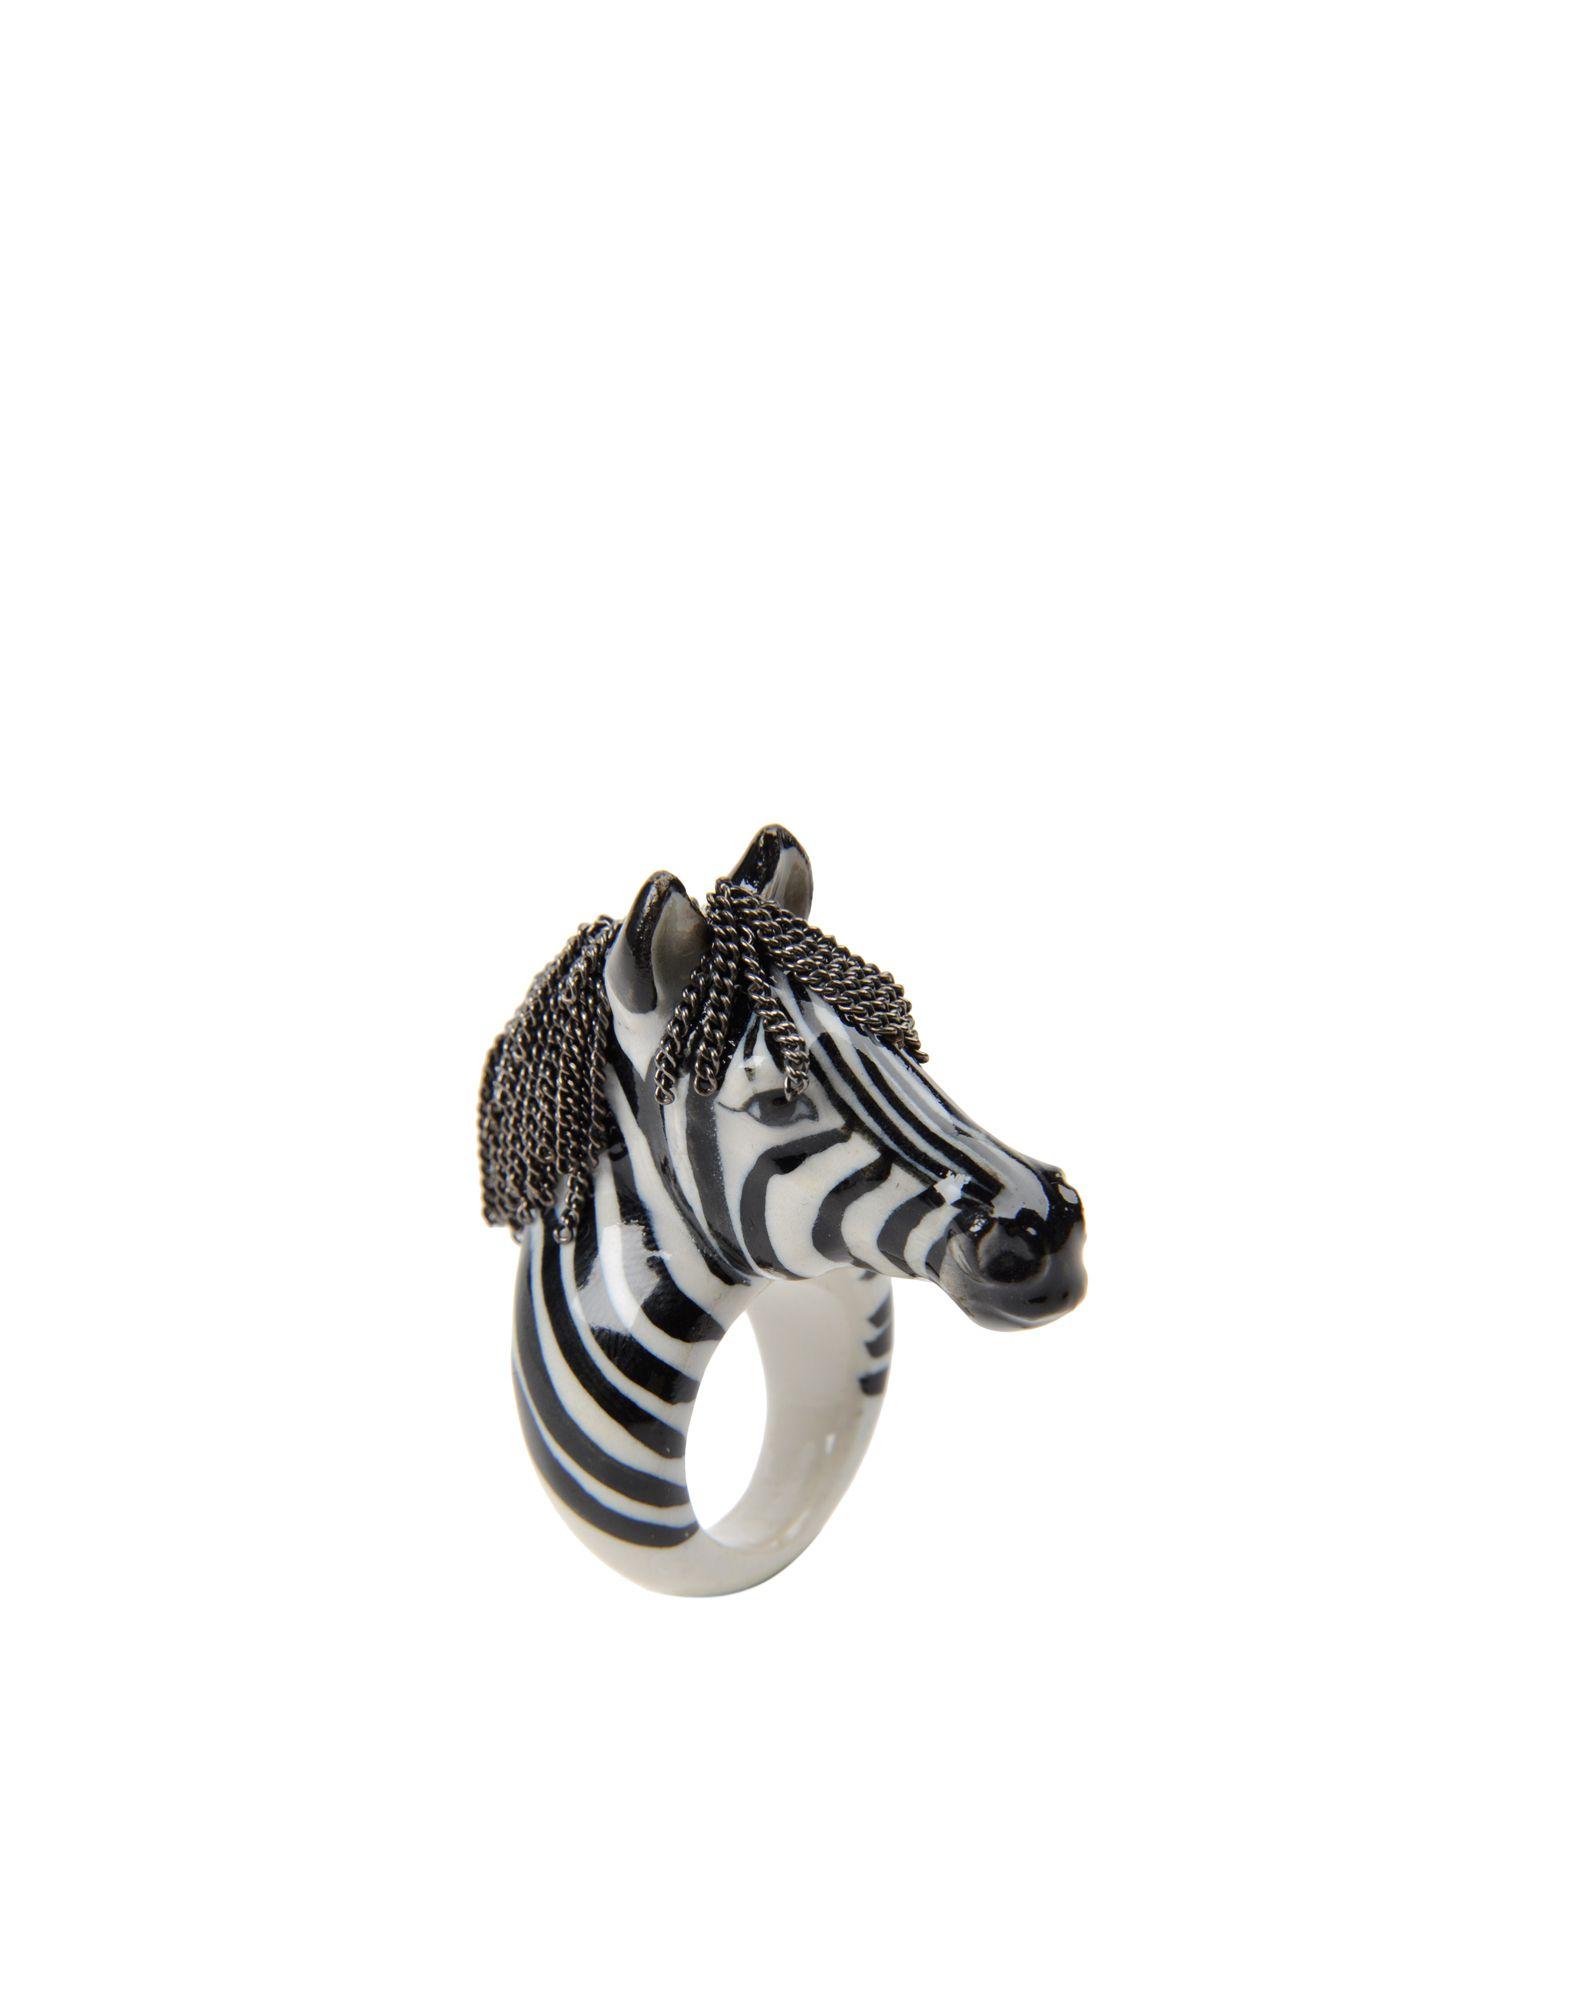 《送料無料》NACH レディース 指輪 ホワイト S セラミック / 真鍮/ブラス